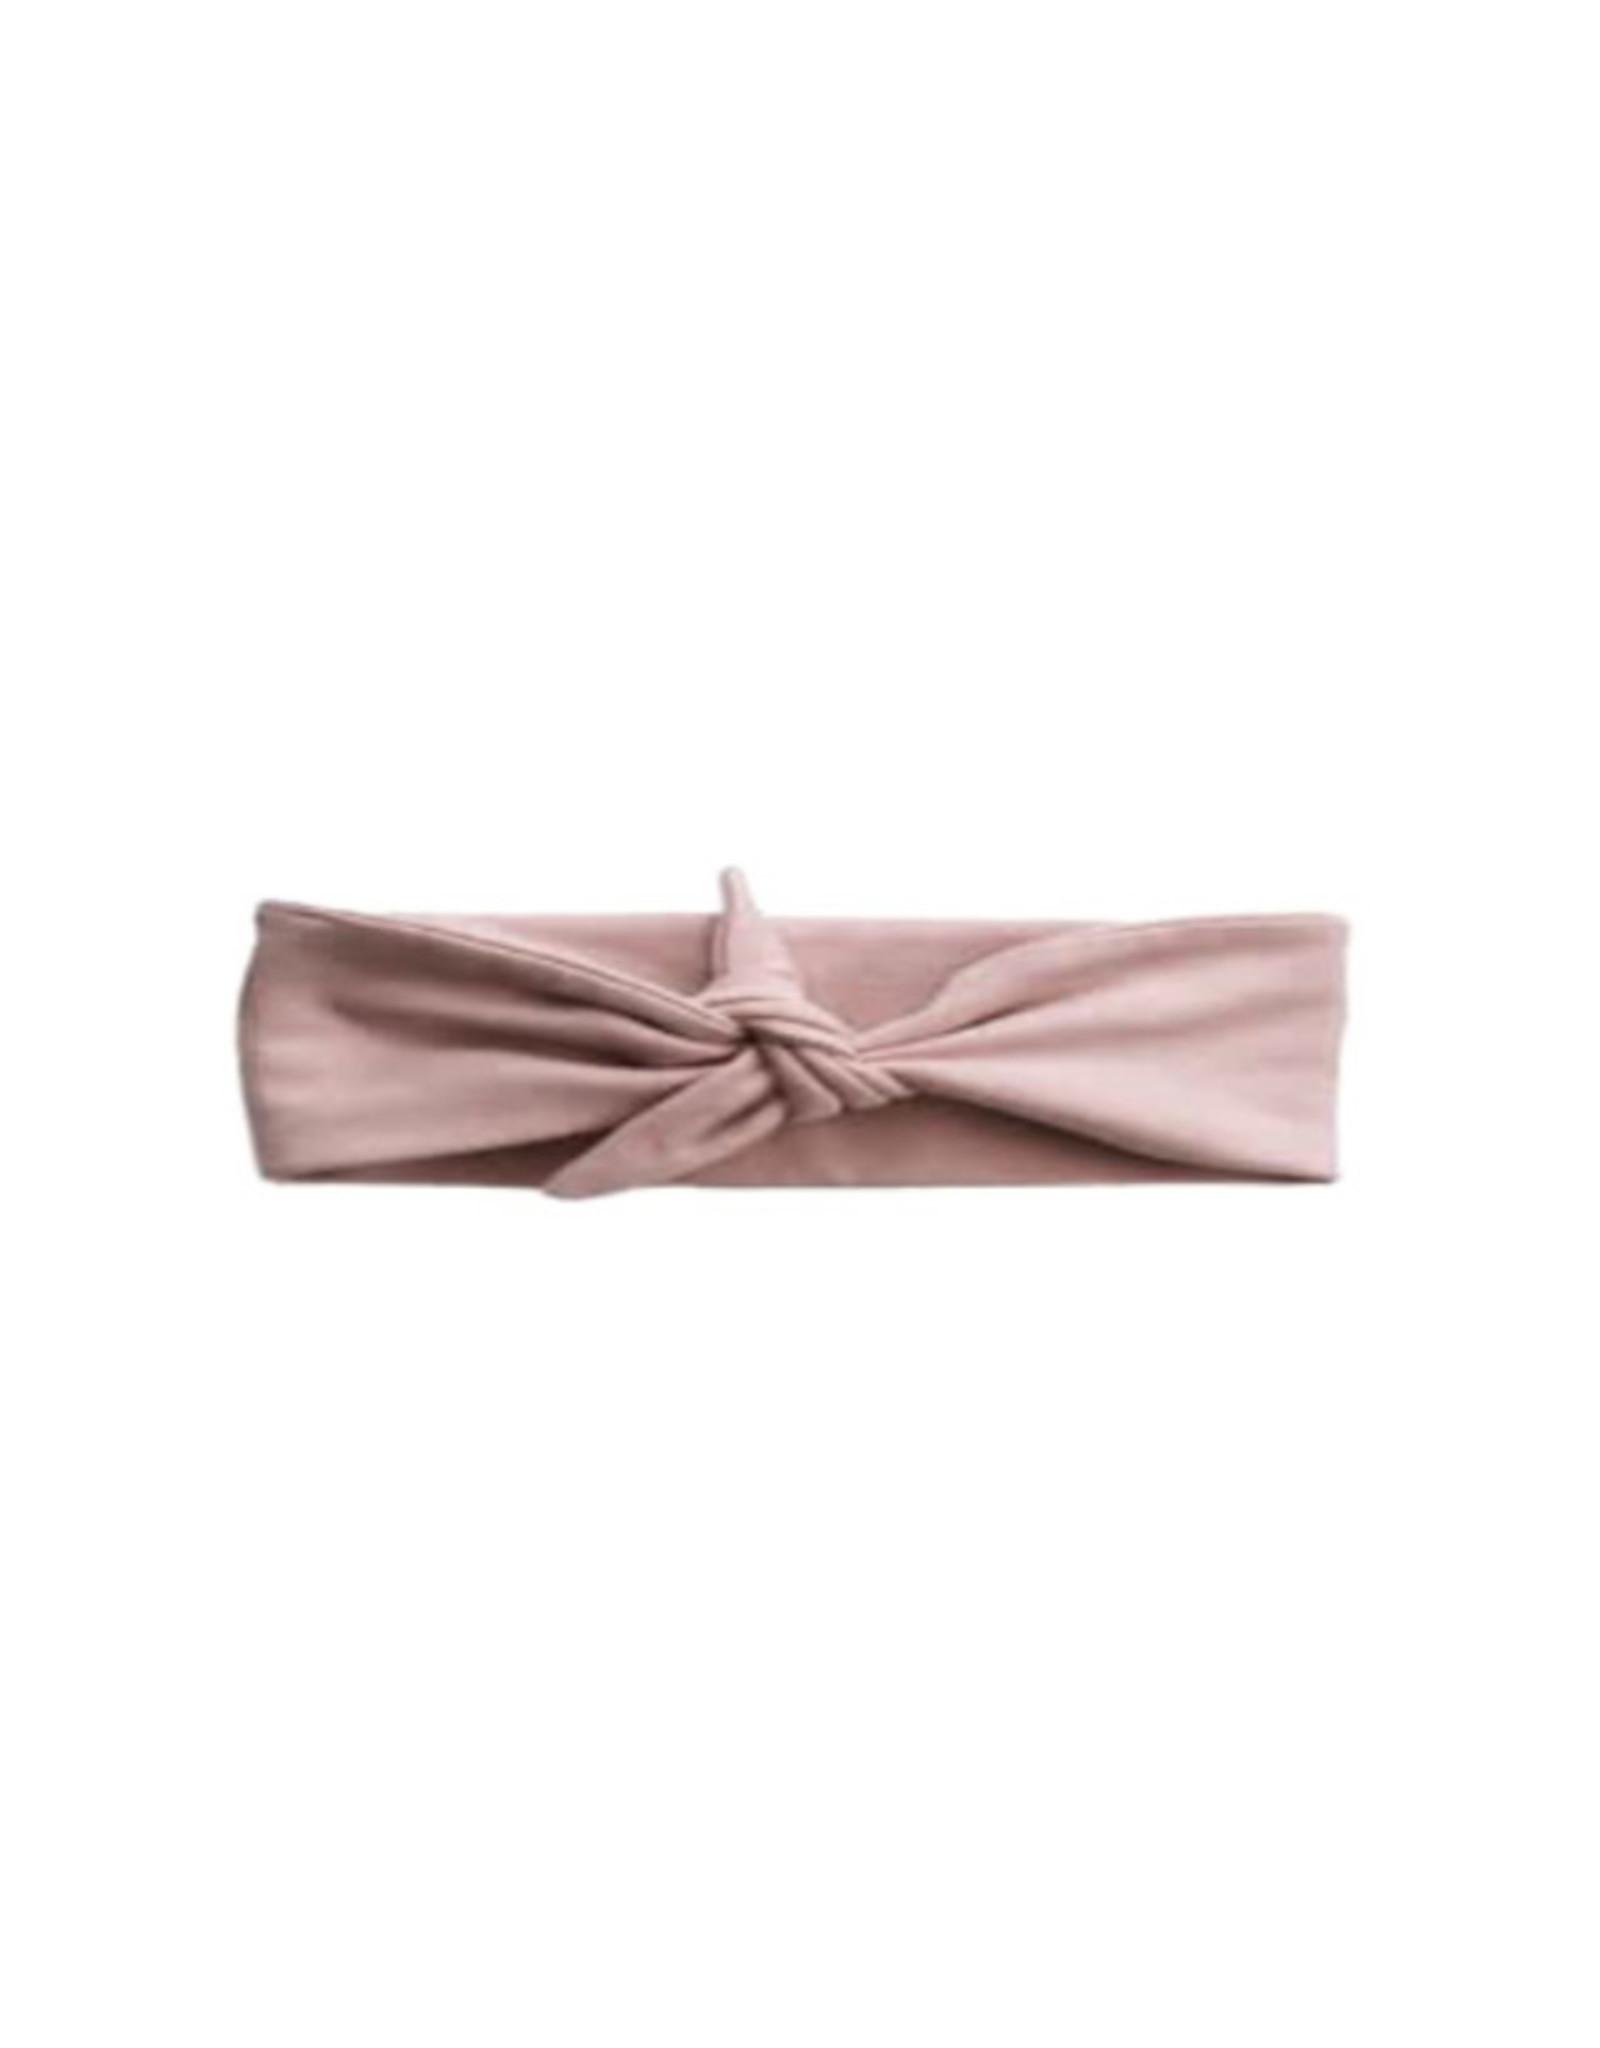 BESS Bess haarband pink